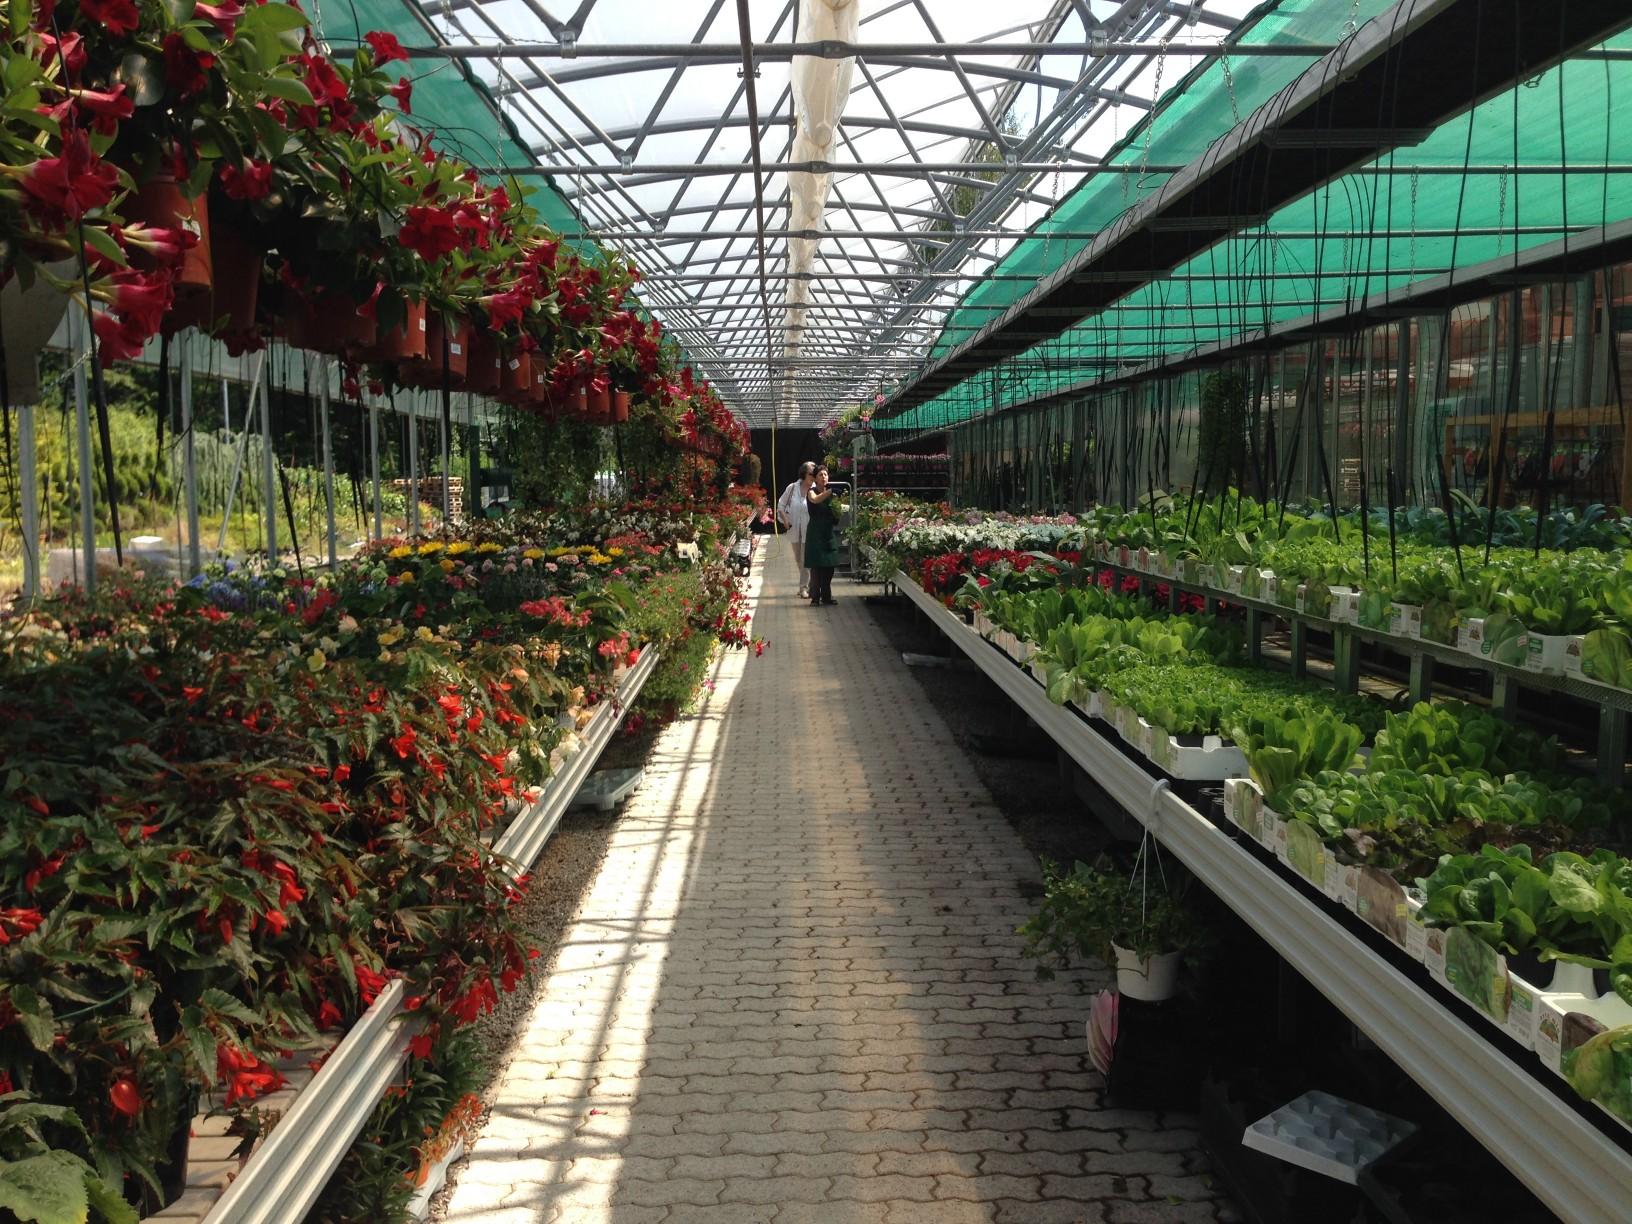 Rf giardini - vivaio - serra - Bizzarone